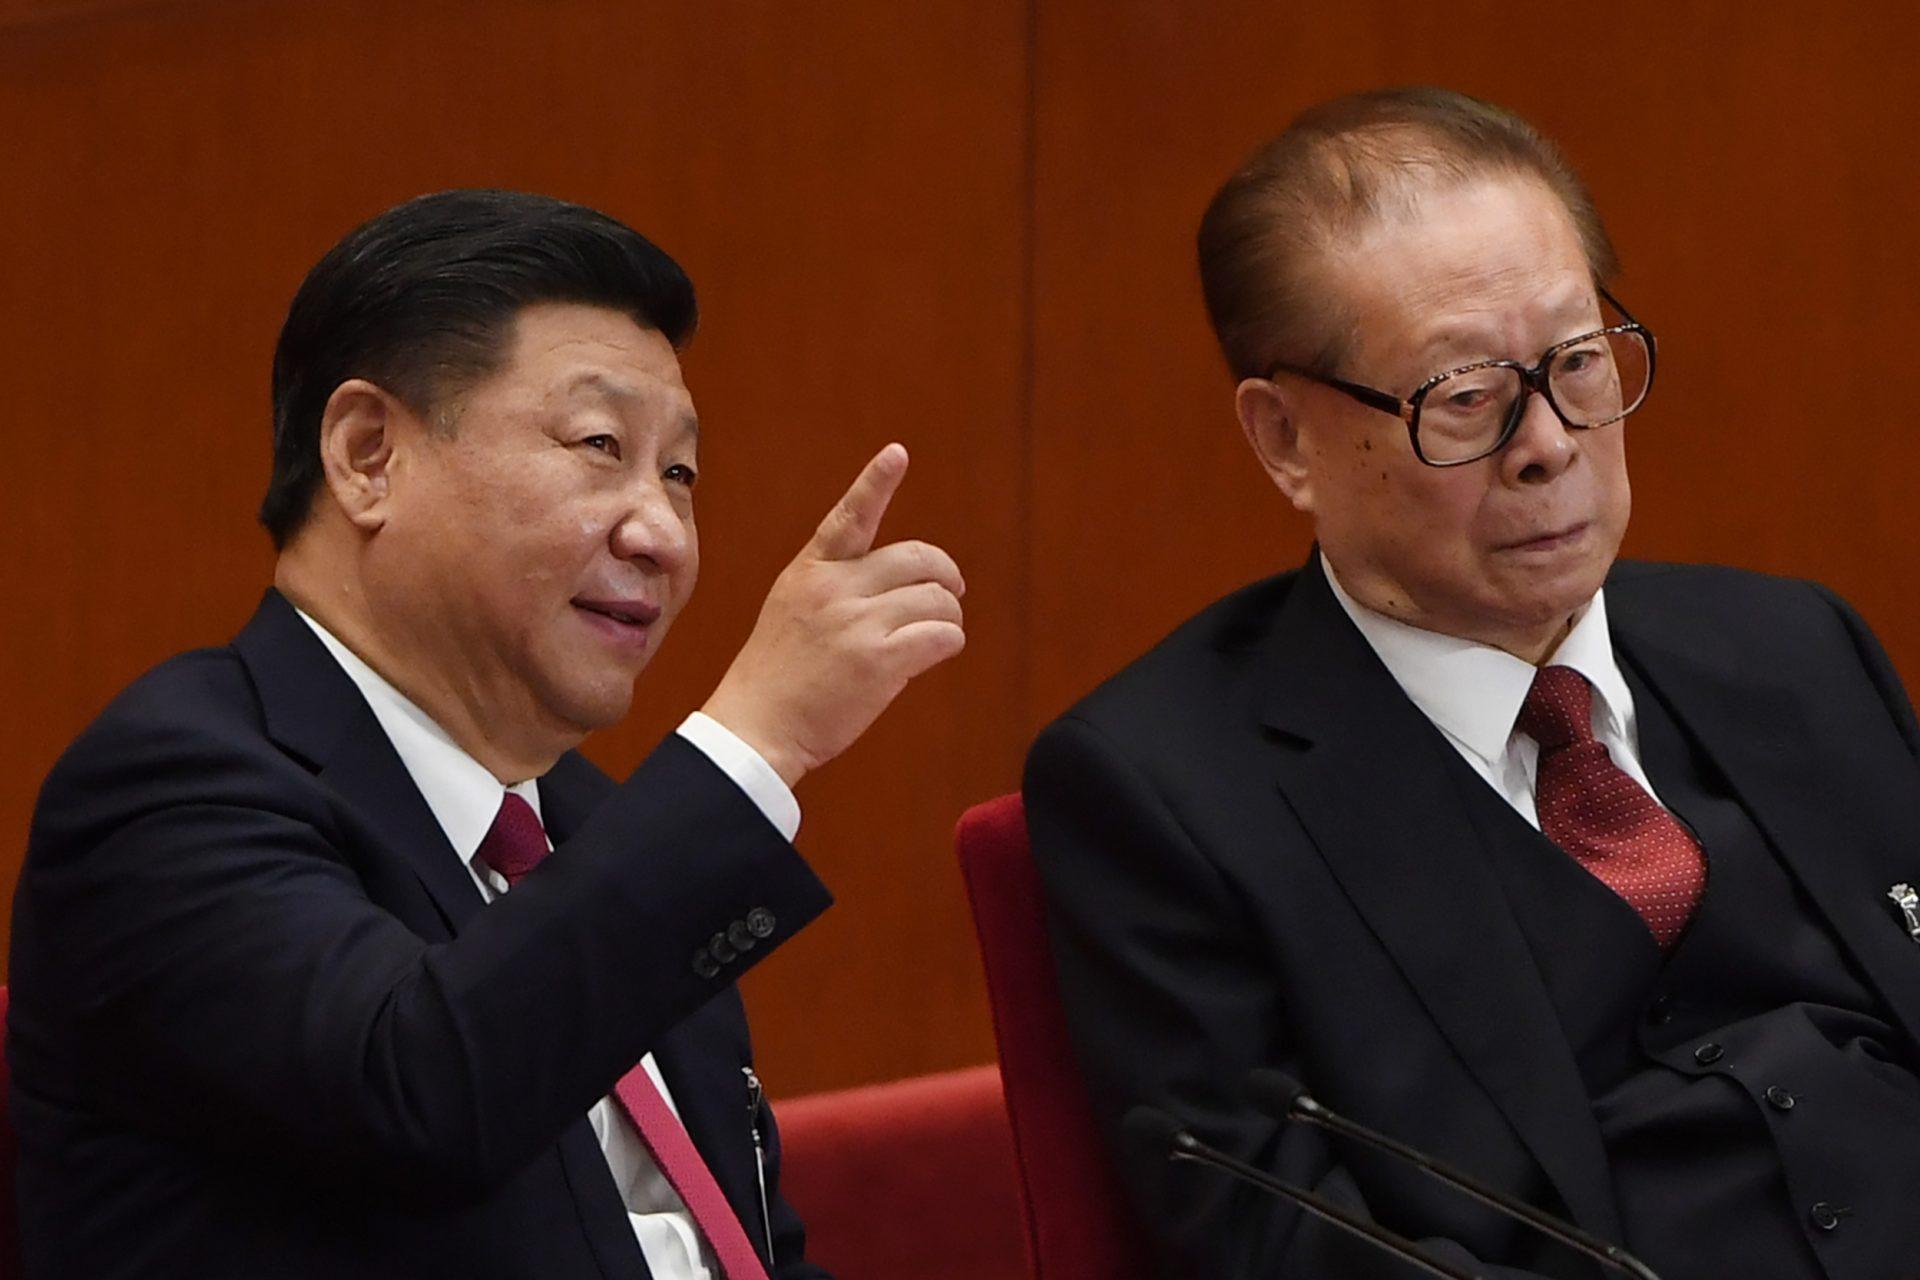 Le président chinois Xi Jinping parle à l'un de ses puissants prédécesseur Jiang Zemin lors de la session de clôture du 19ème Congrès du Parti communiste chinois à Pékin, le 24 octobre 2017. (Crédits : AFP PHOTO / GREG BAKER)